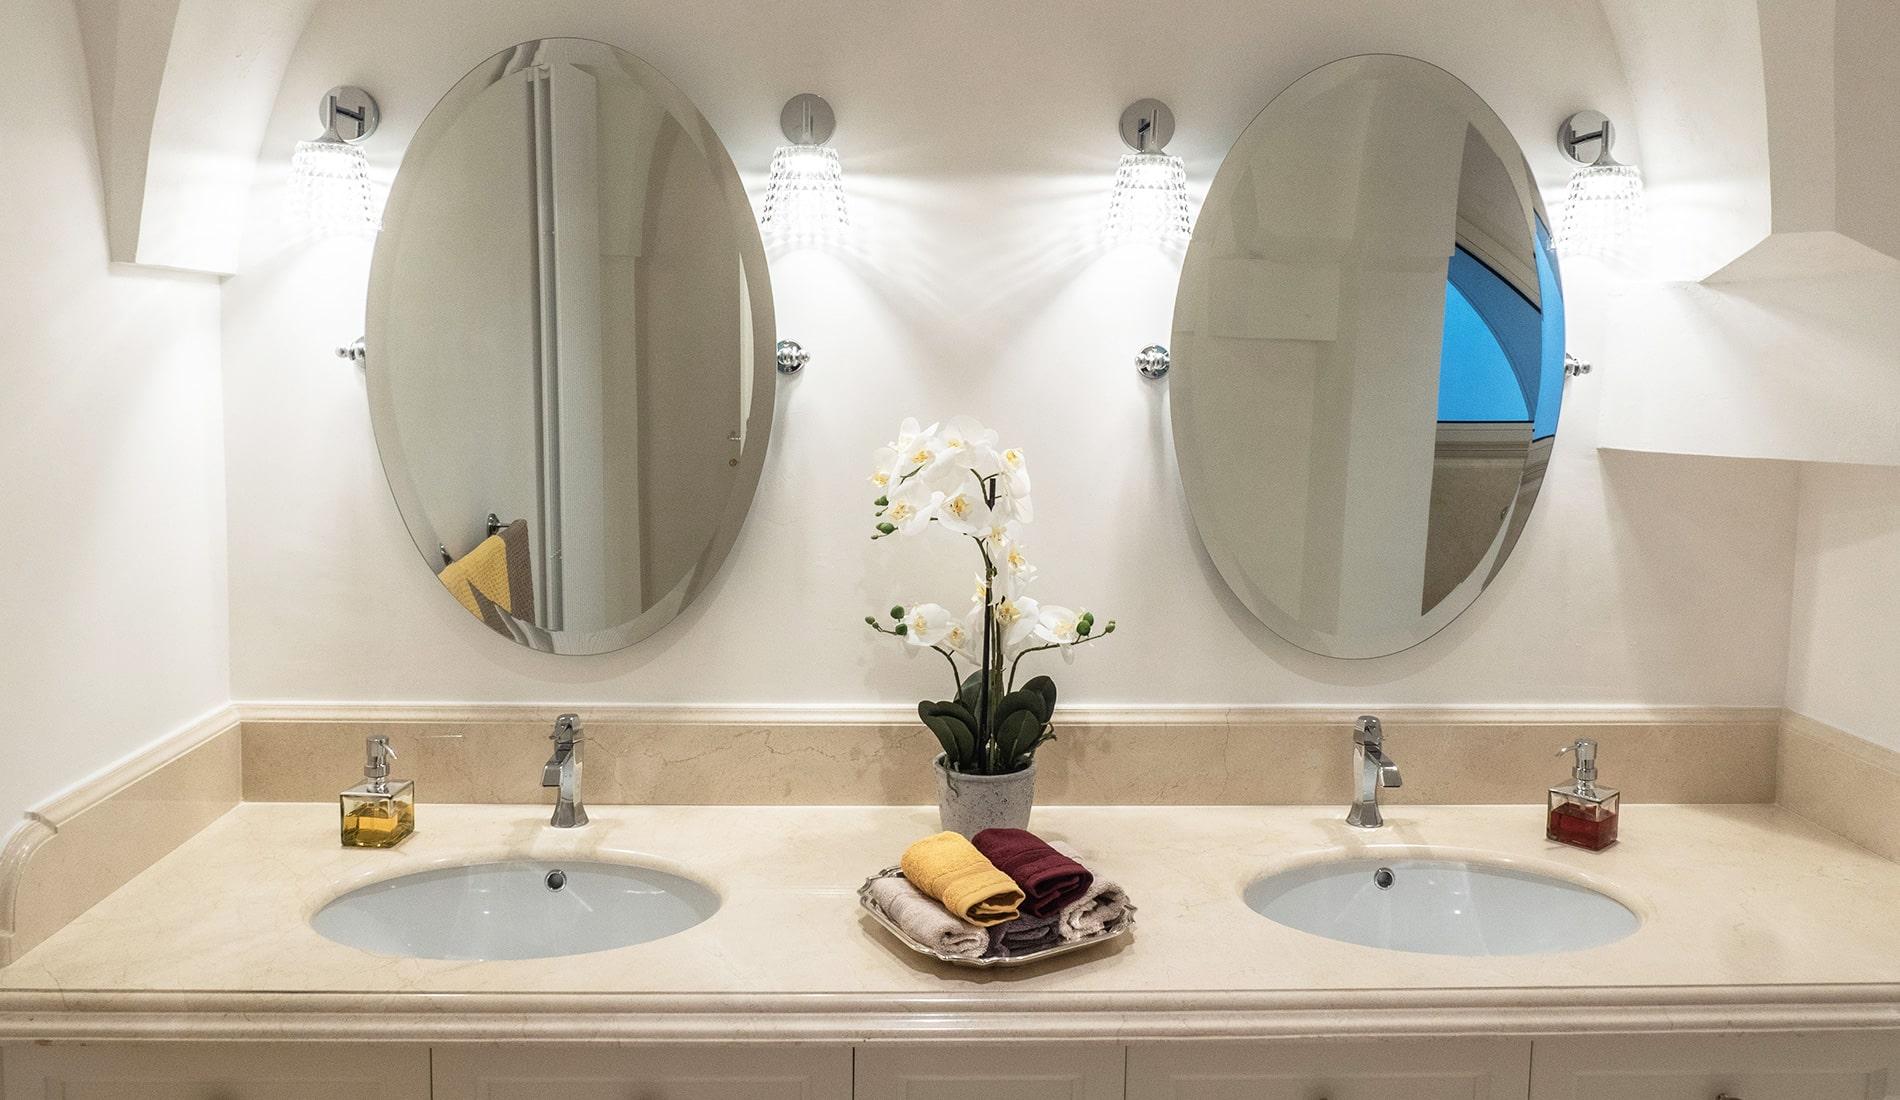 marmi-strada-bagni-in-marmo-naturale-lavelli-vasche-docce-rivestimenti-12